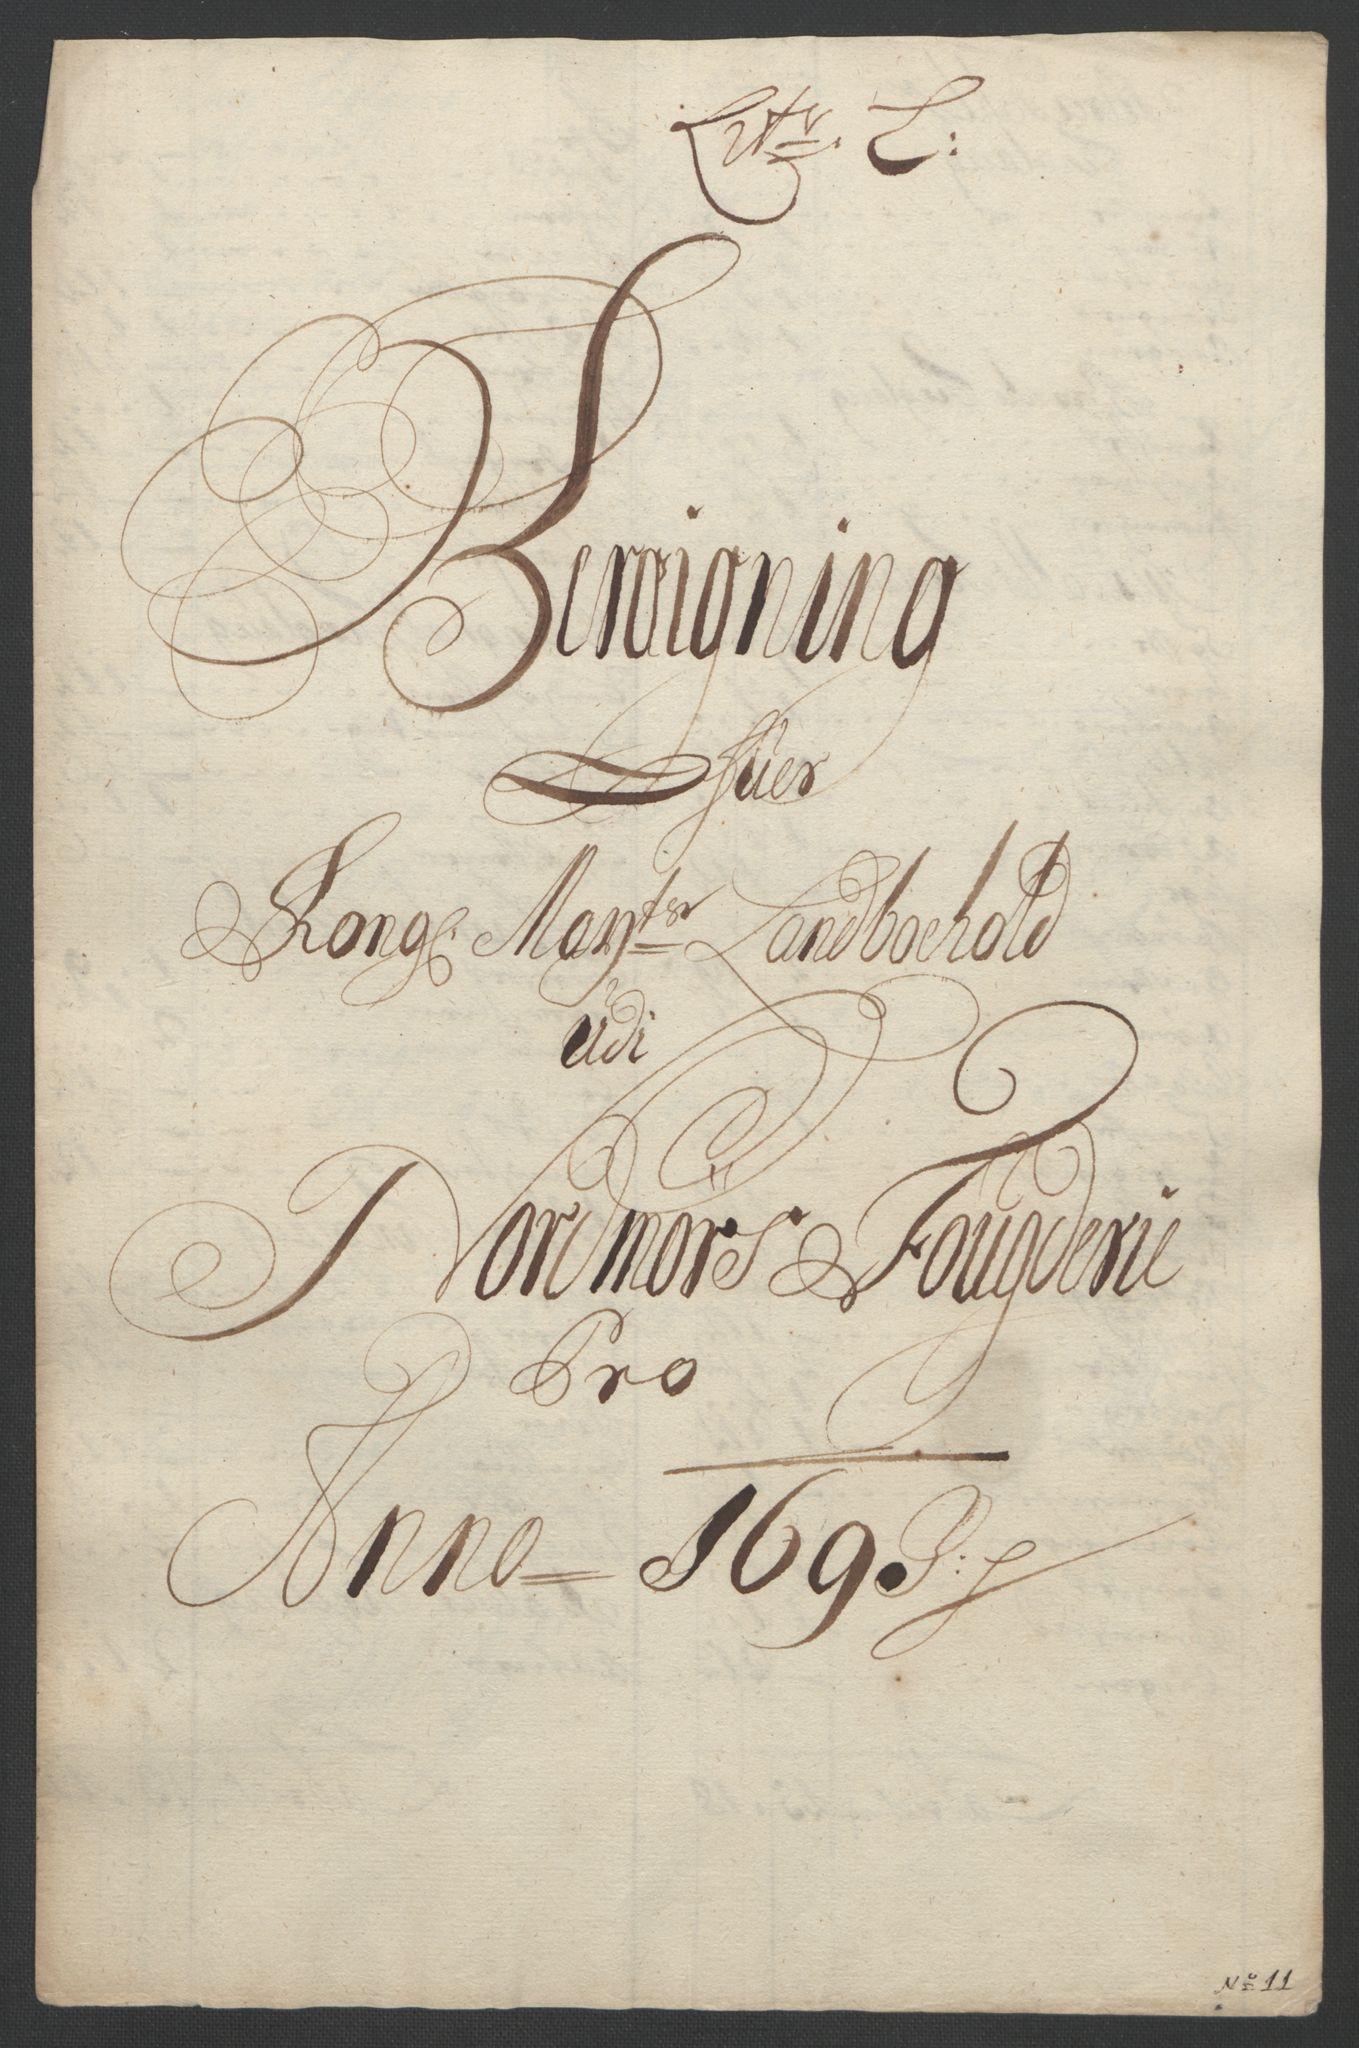 RA, Rentekammeret inntil 1814, Reviderte regnskaper, Fogderegnskap, R56/L3735: Fogderegnskap Nordmøre, 1692-1693, s. 373